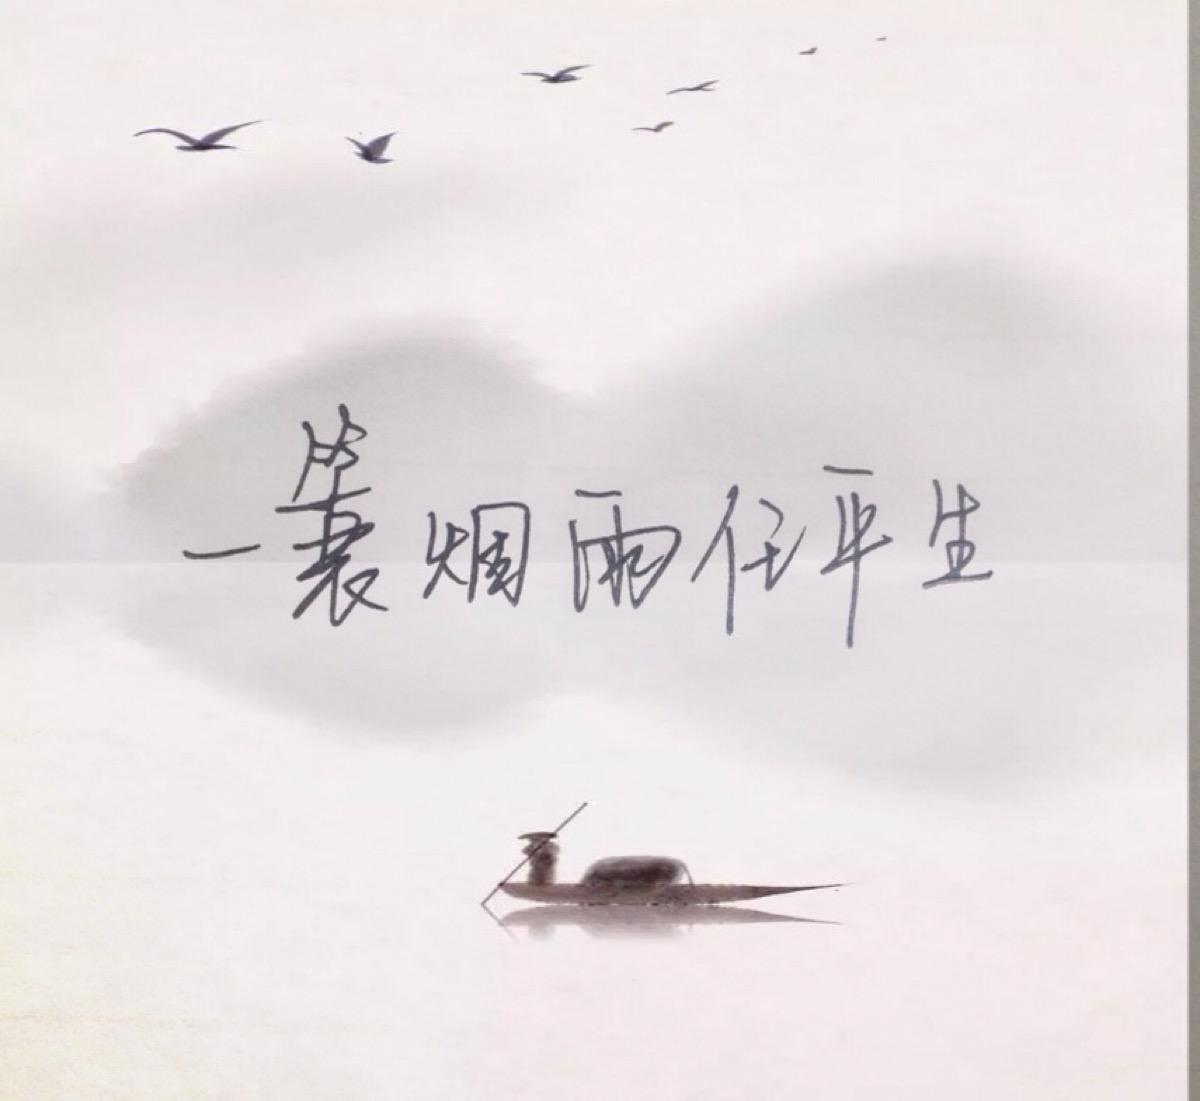 """""""一蓑烟雨任平生,也无风雨也无晴""""是什么意思?"""